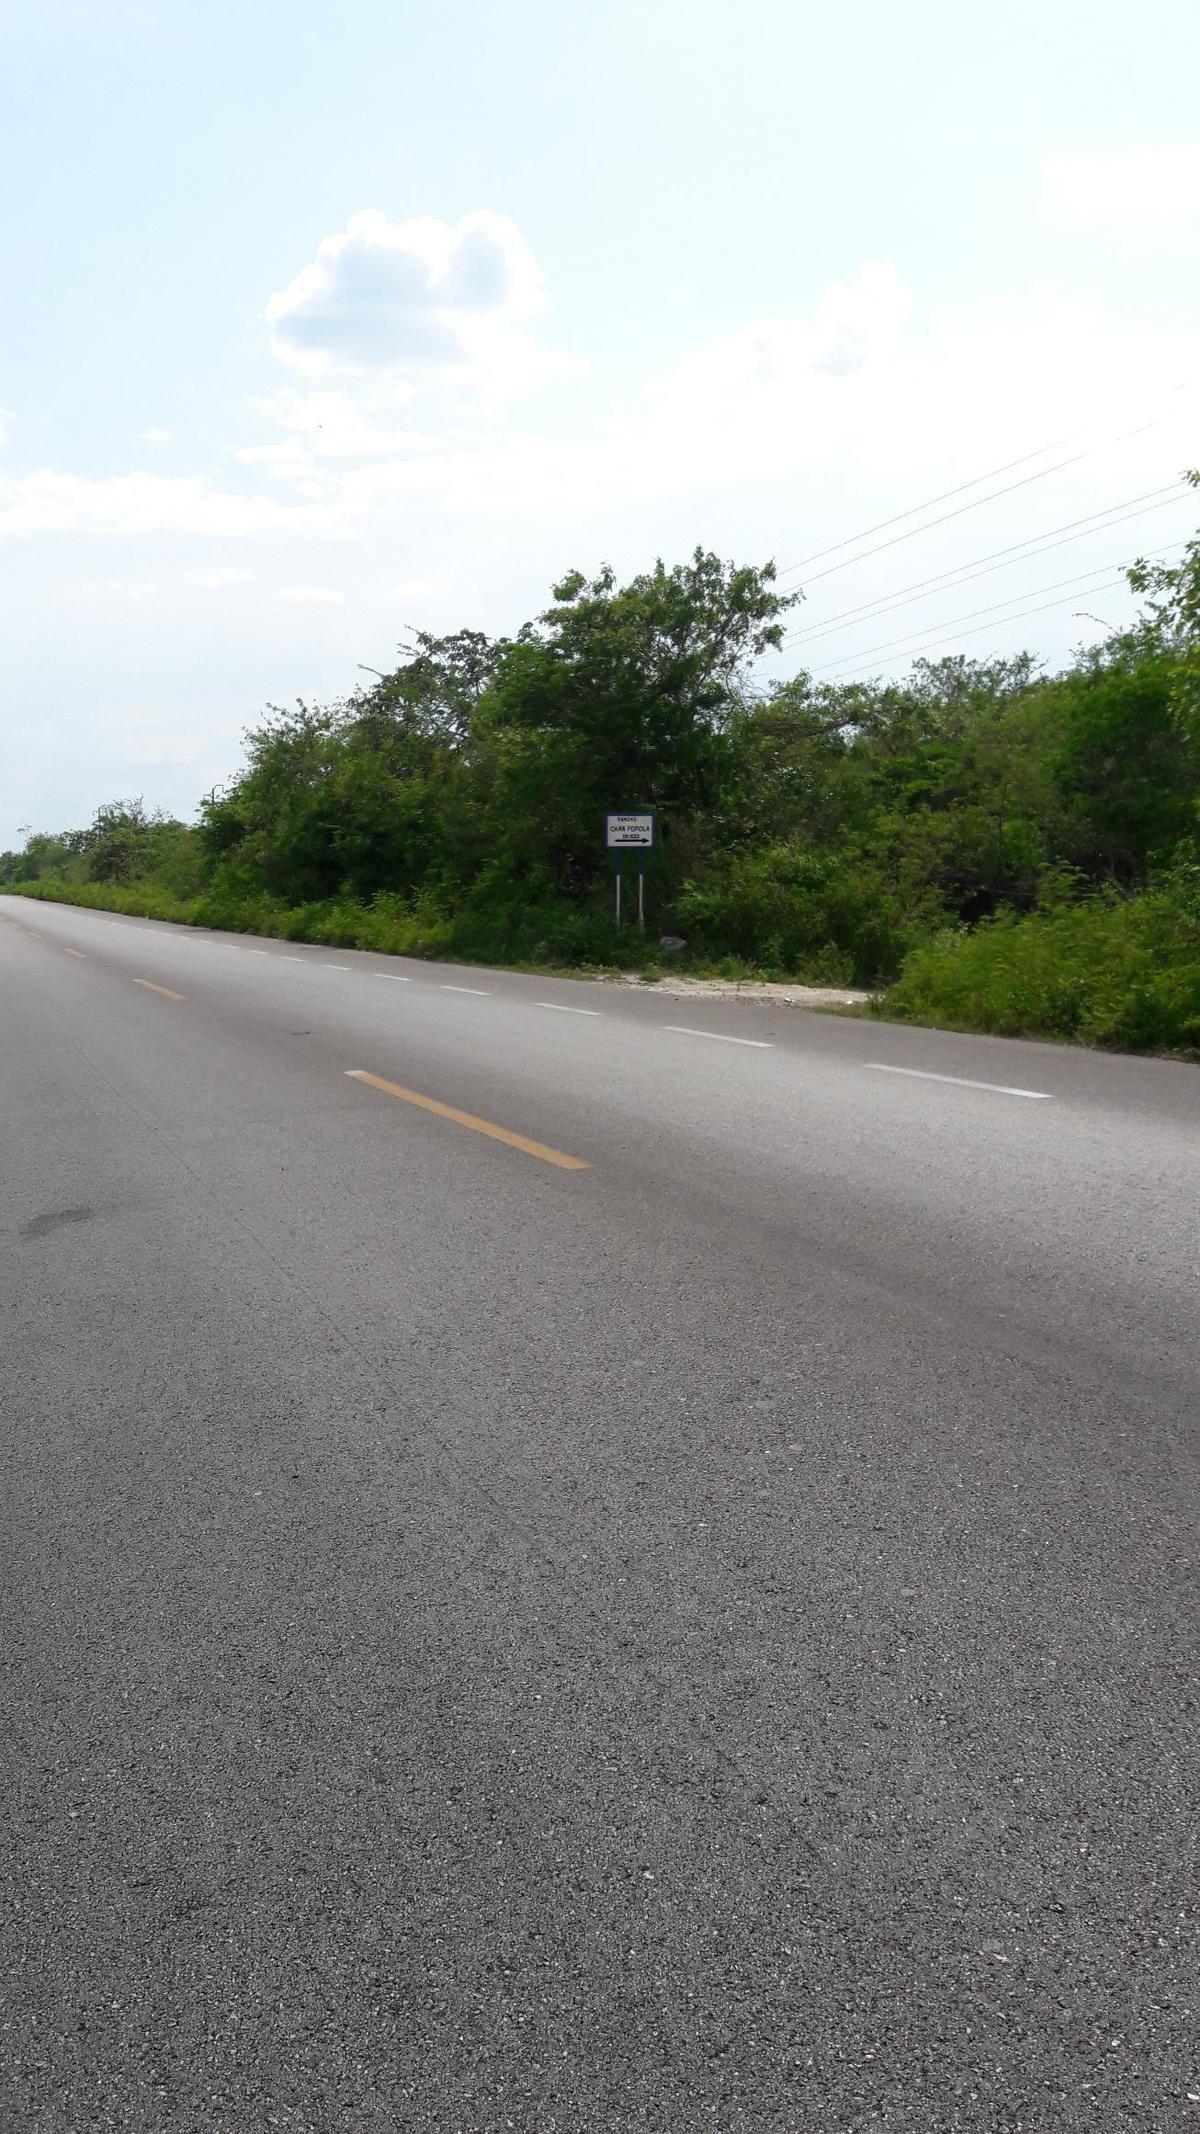 1 de 1: Sobre carretera.